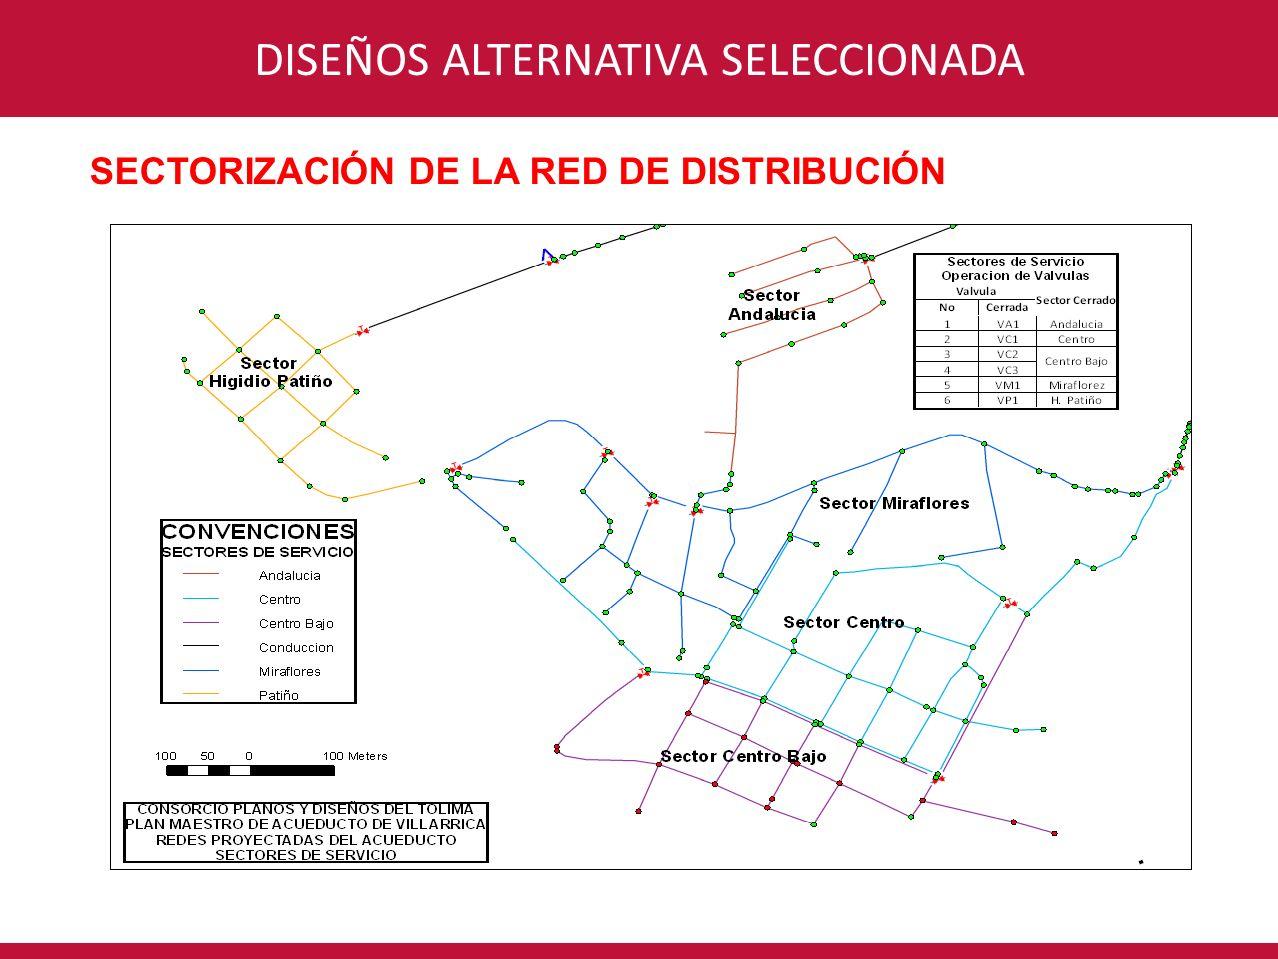 CONSORCIO INTERVENTORÍA POR UN NUEVO VALLEDISEÑOS ALTERNATIVA SELECCIONADA SECTORIZACIÓN DE LA RED DE DISTRIBUCIÓN